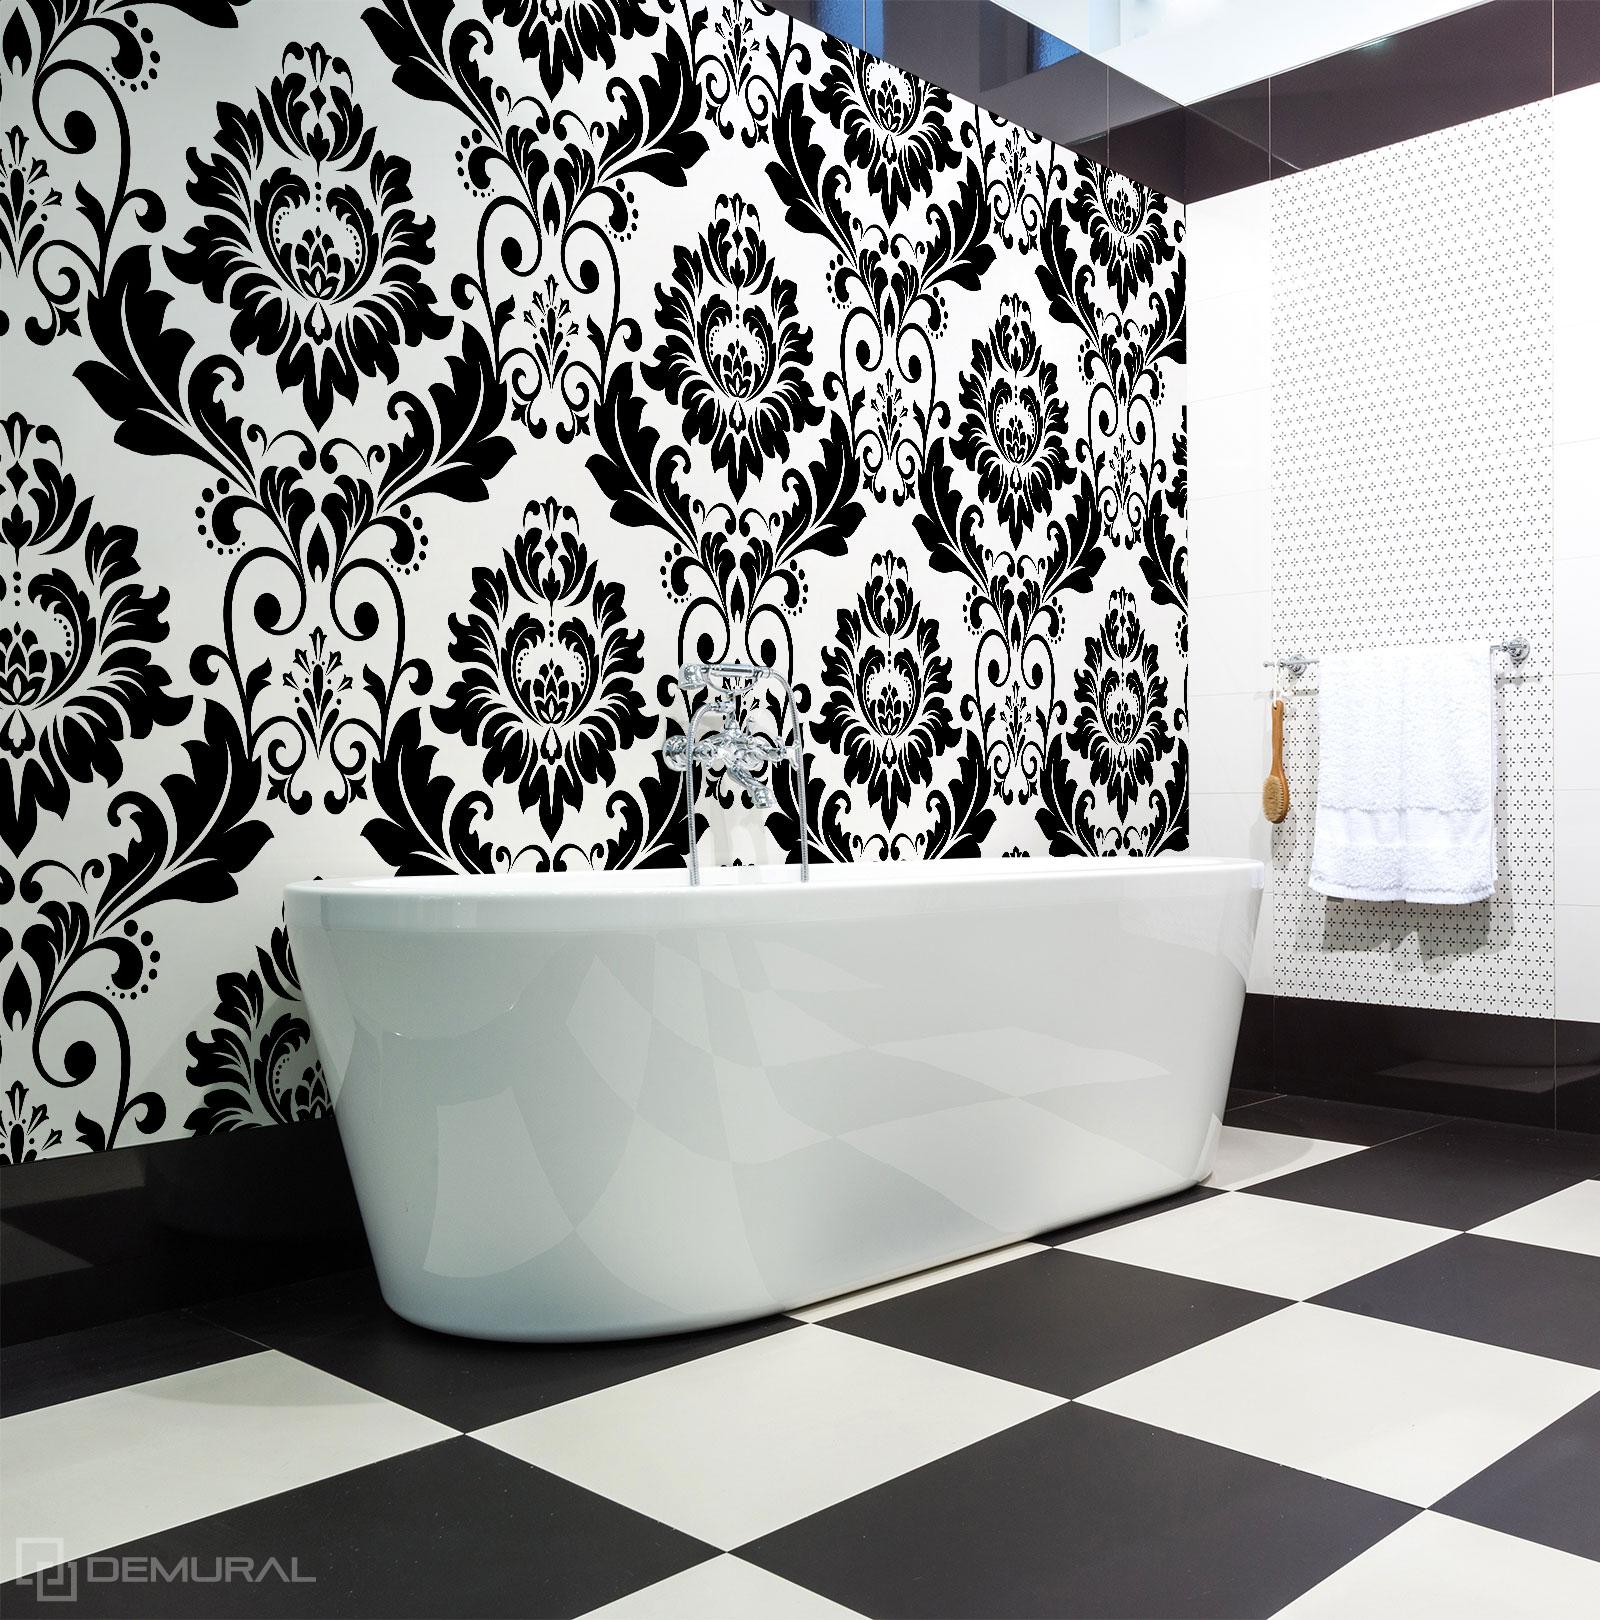 Papier peint Noir et blanc classique - Papier peint noir et blanc - Demural